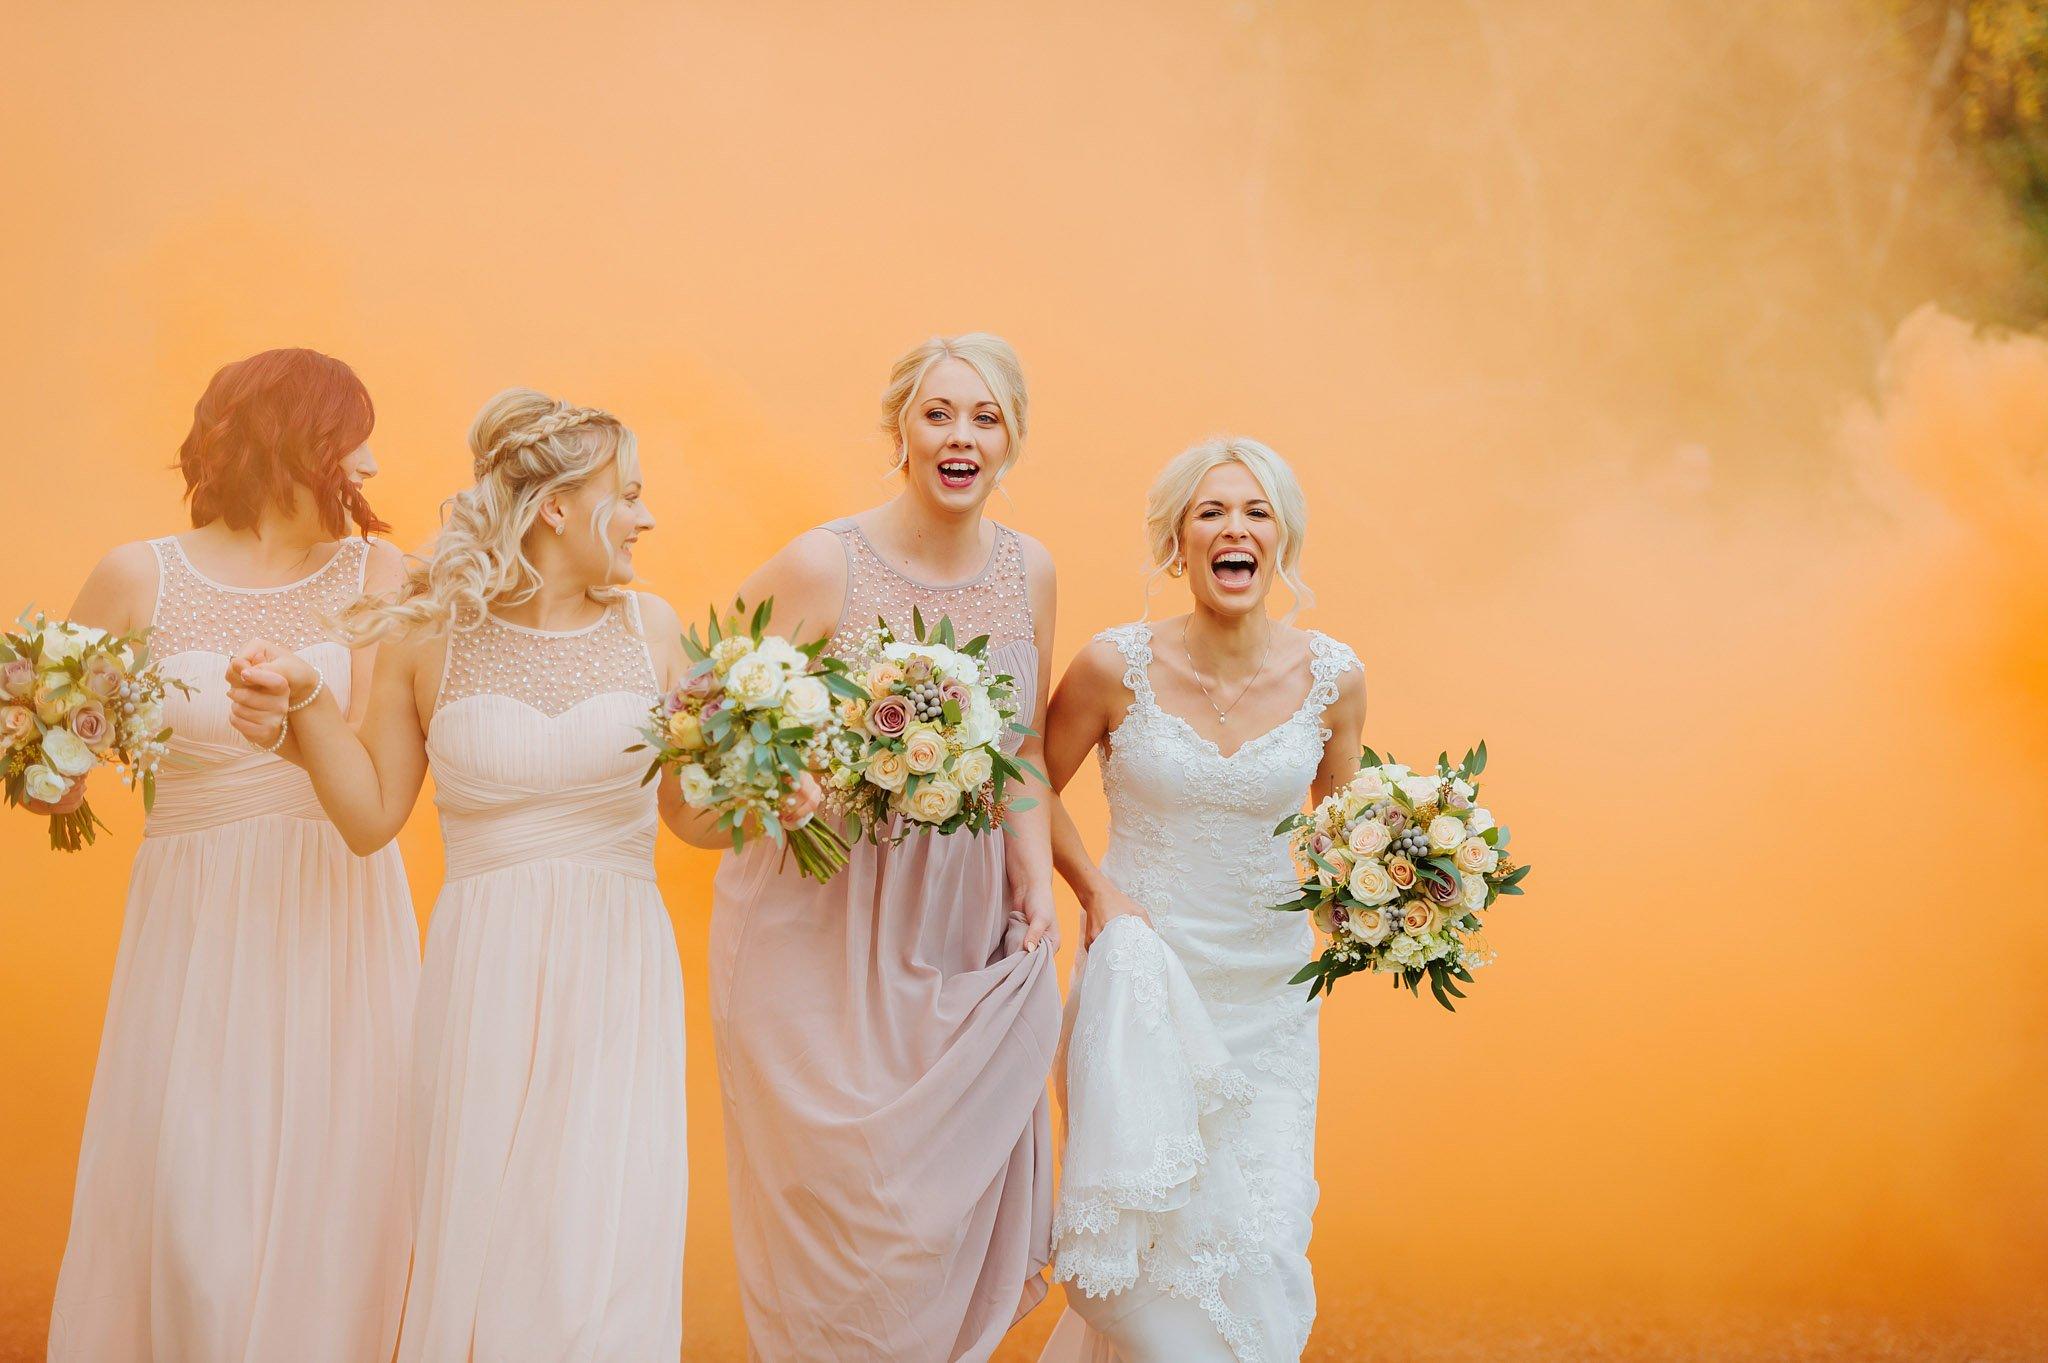 Lemore Manor wedding, Herefordshire - West Midlands | Sadie + Ken 72